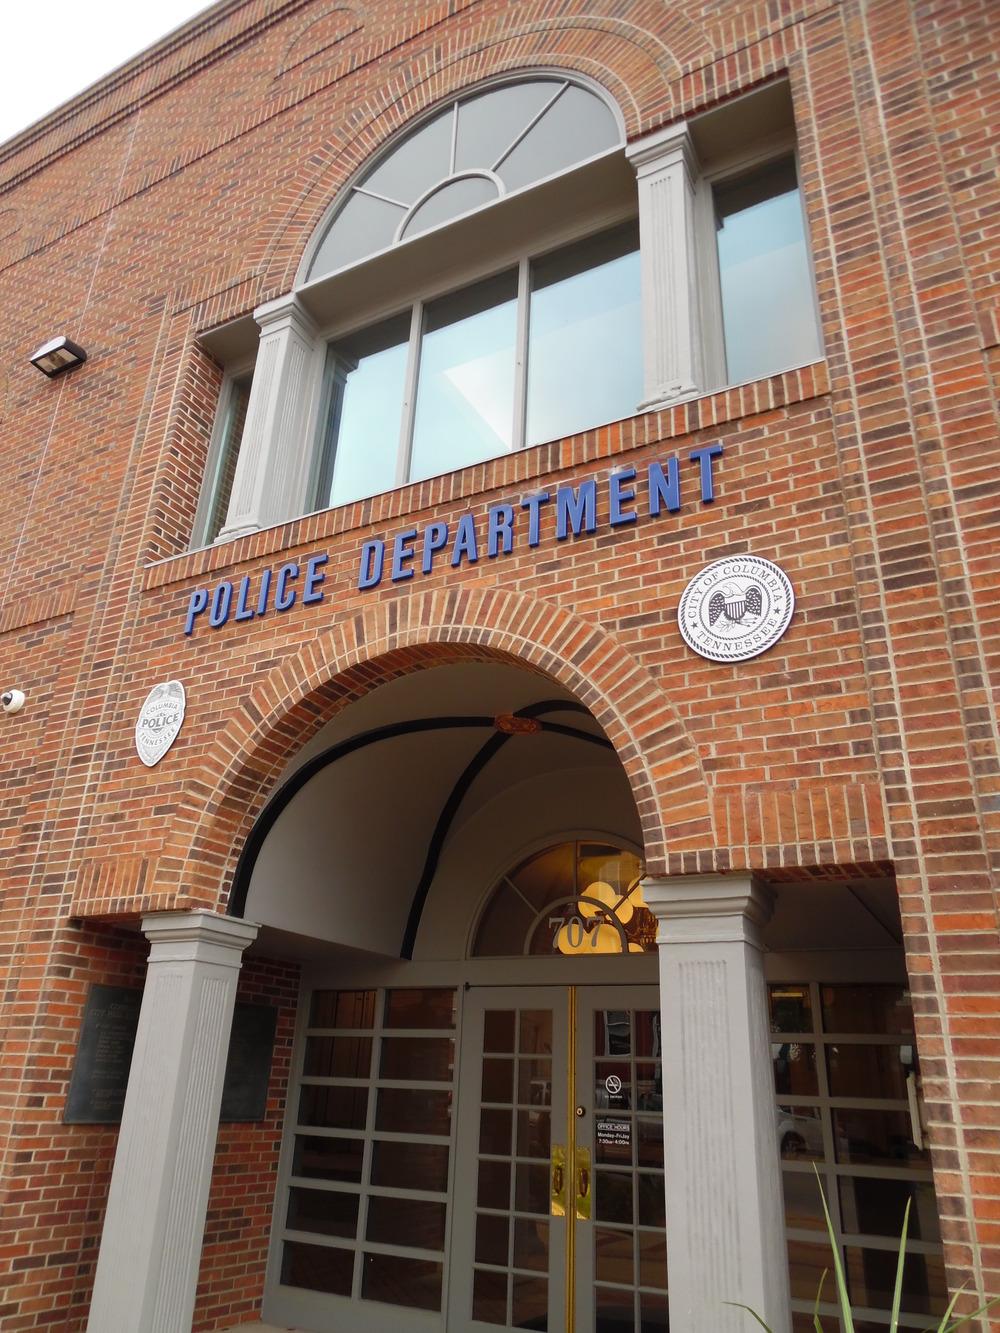 Public - Columbia Police Department